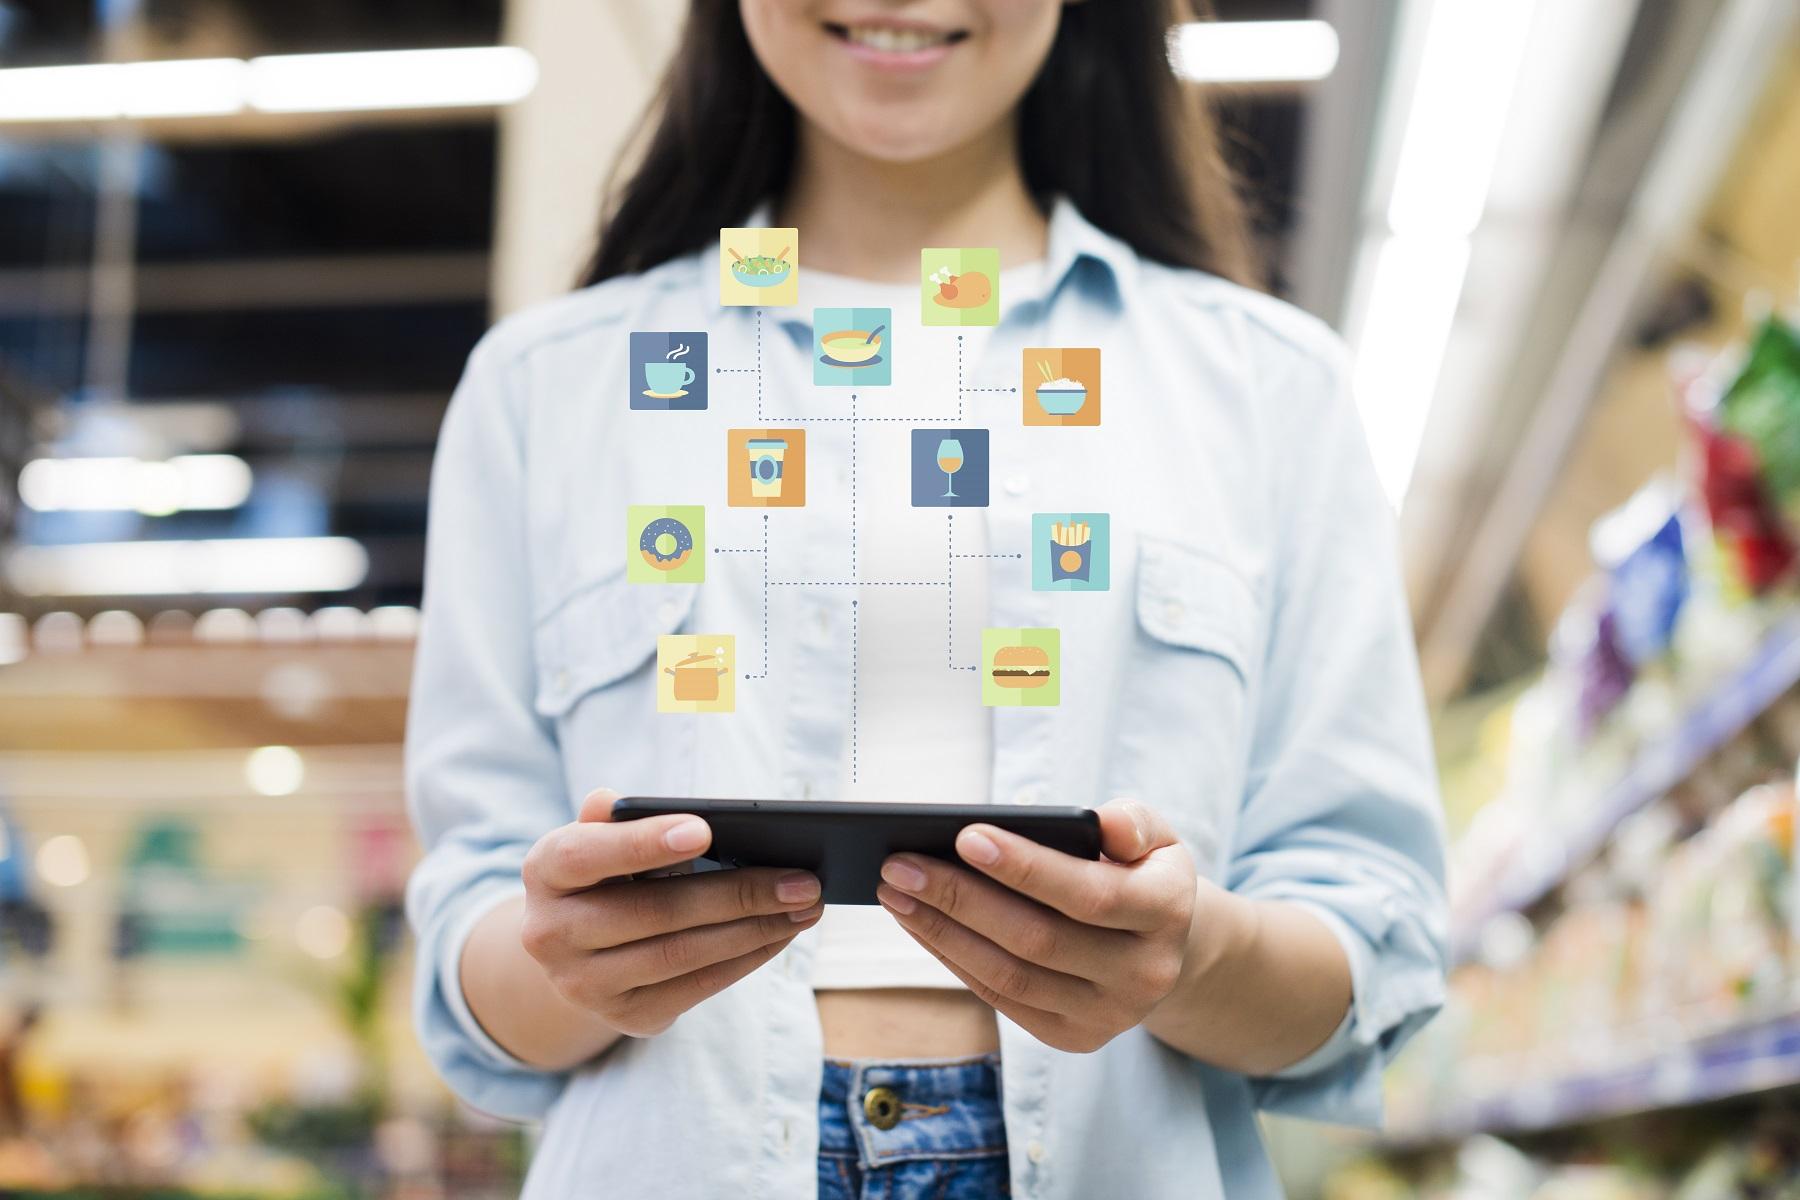 La Cámara de comercio de Bucaramanga fortalece la transformación digital en las regiones